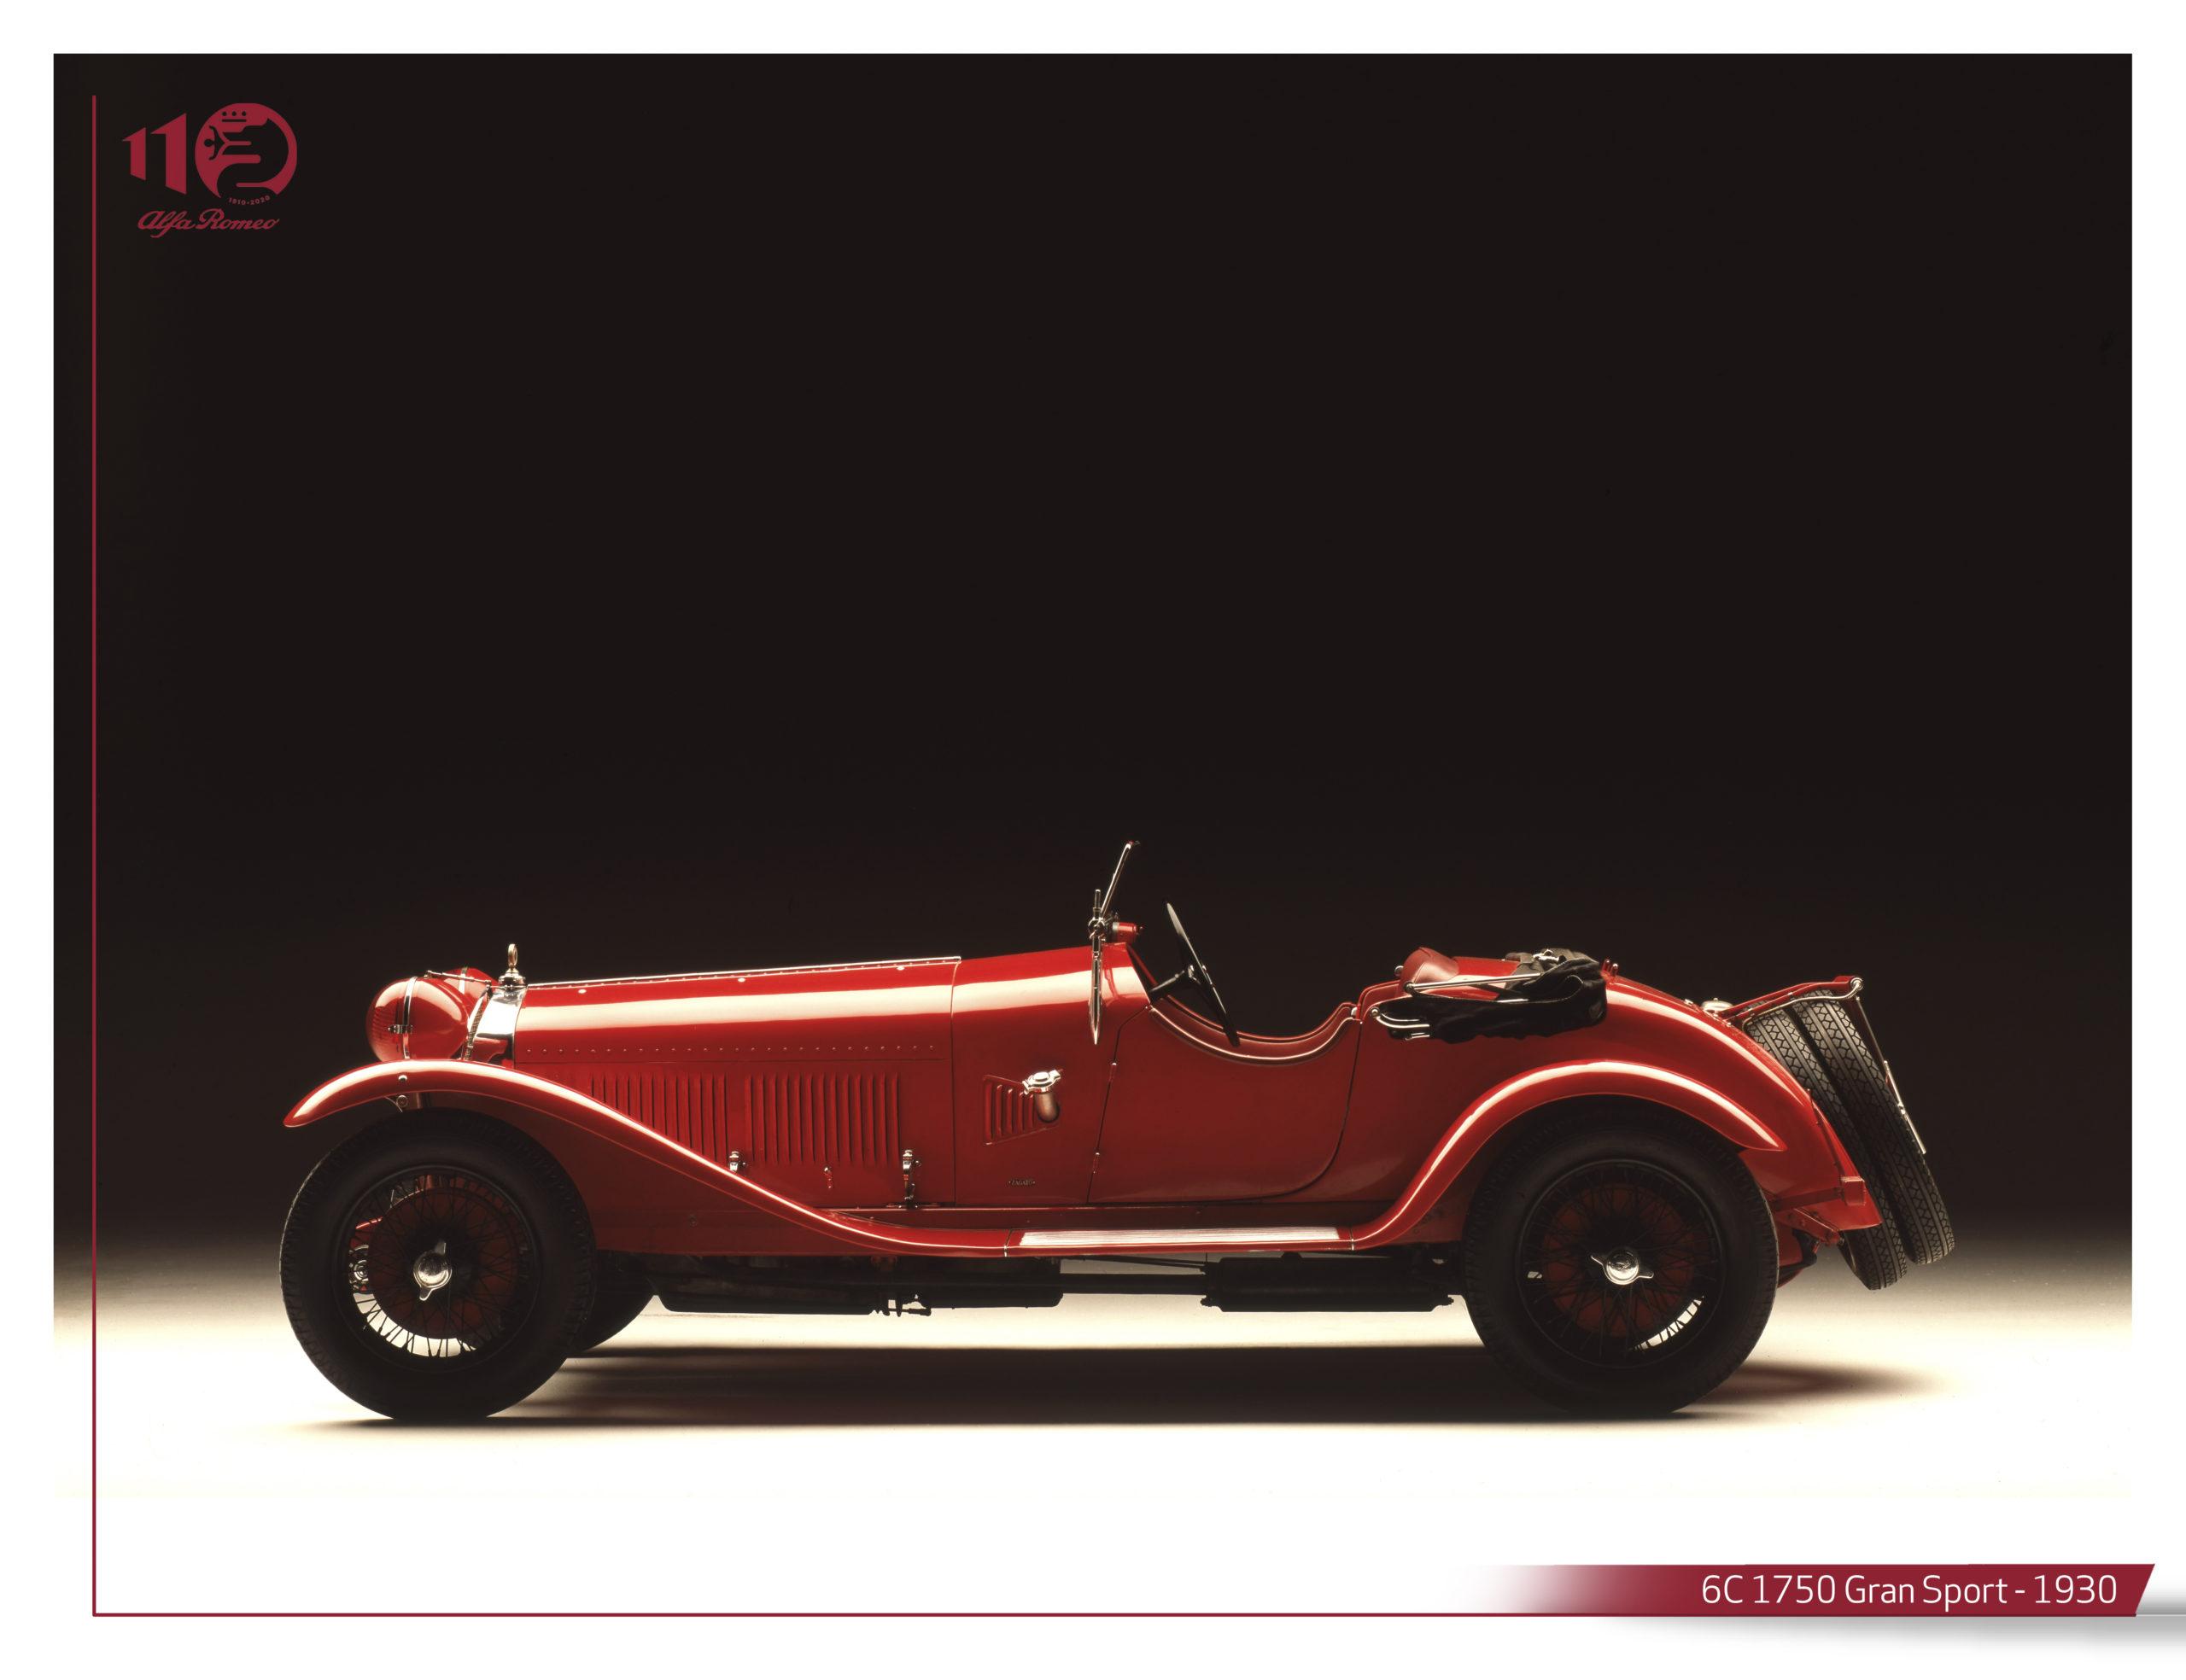 L'Alfa Romeo 6C 1750 domine son époque et anticipe l'avenir